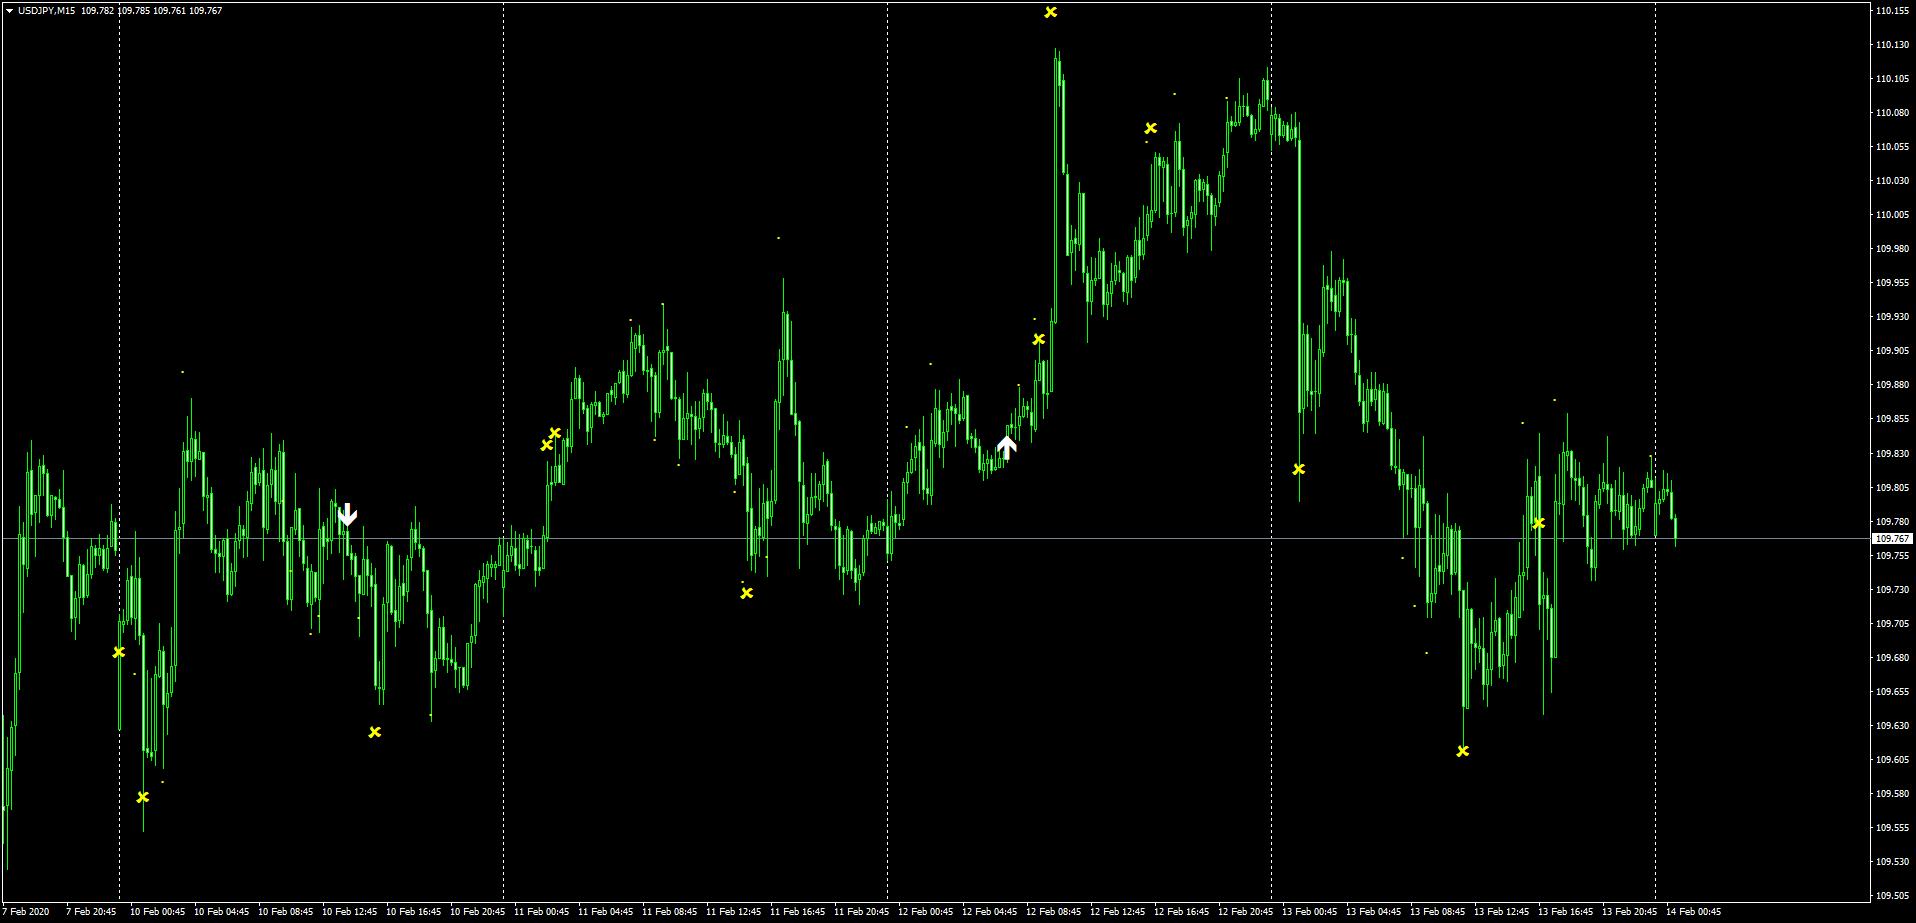 ドル円の2月10日~14日までのSindyサイン状況